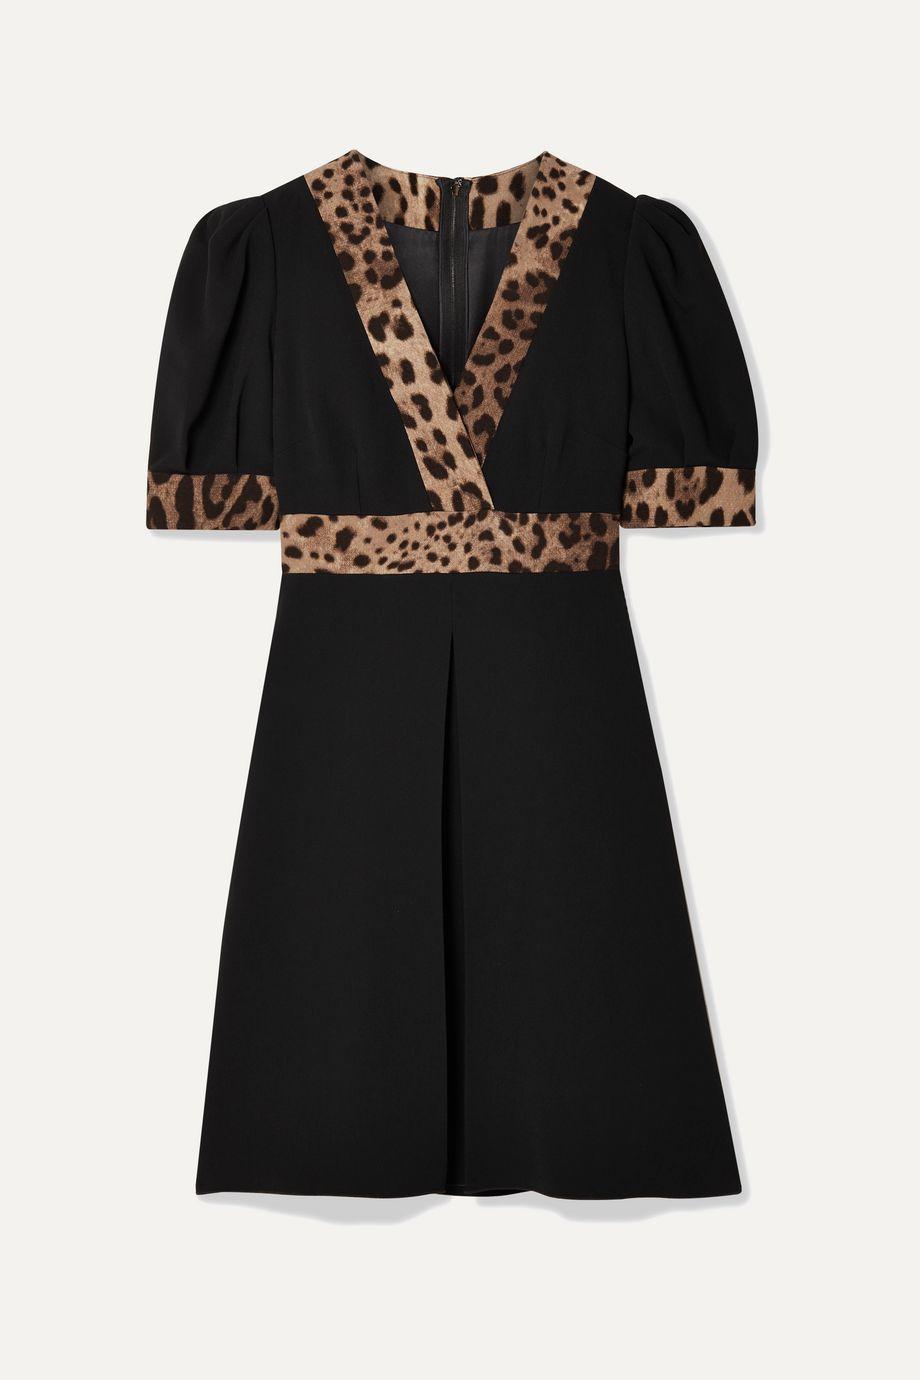 Dolce & Gabbana Minikleid aus Crêpe mit Wickeleffekt und Besatz mit Leopardenprint